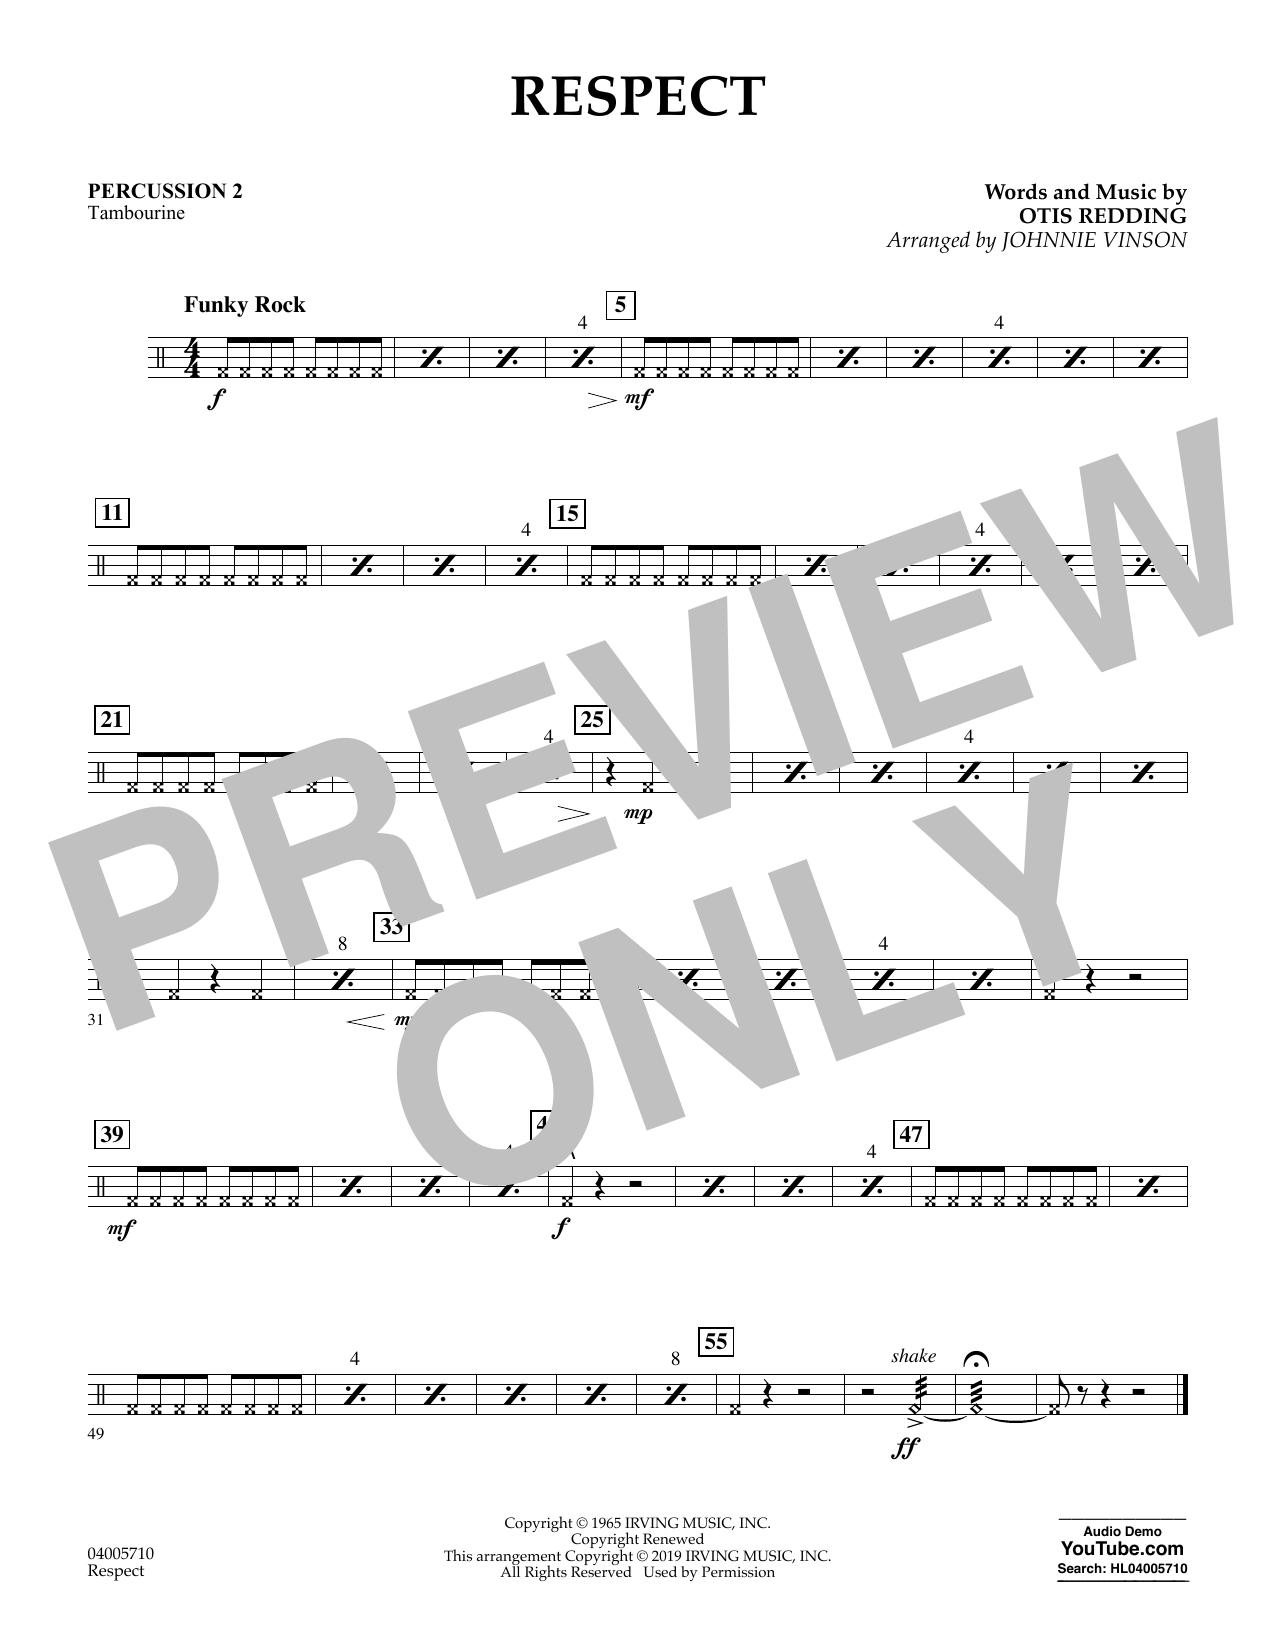 Respect (arr. Johnnie Vinson) - Percussion 2 (Flex-Band)